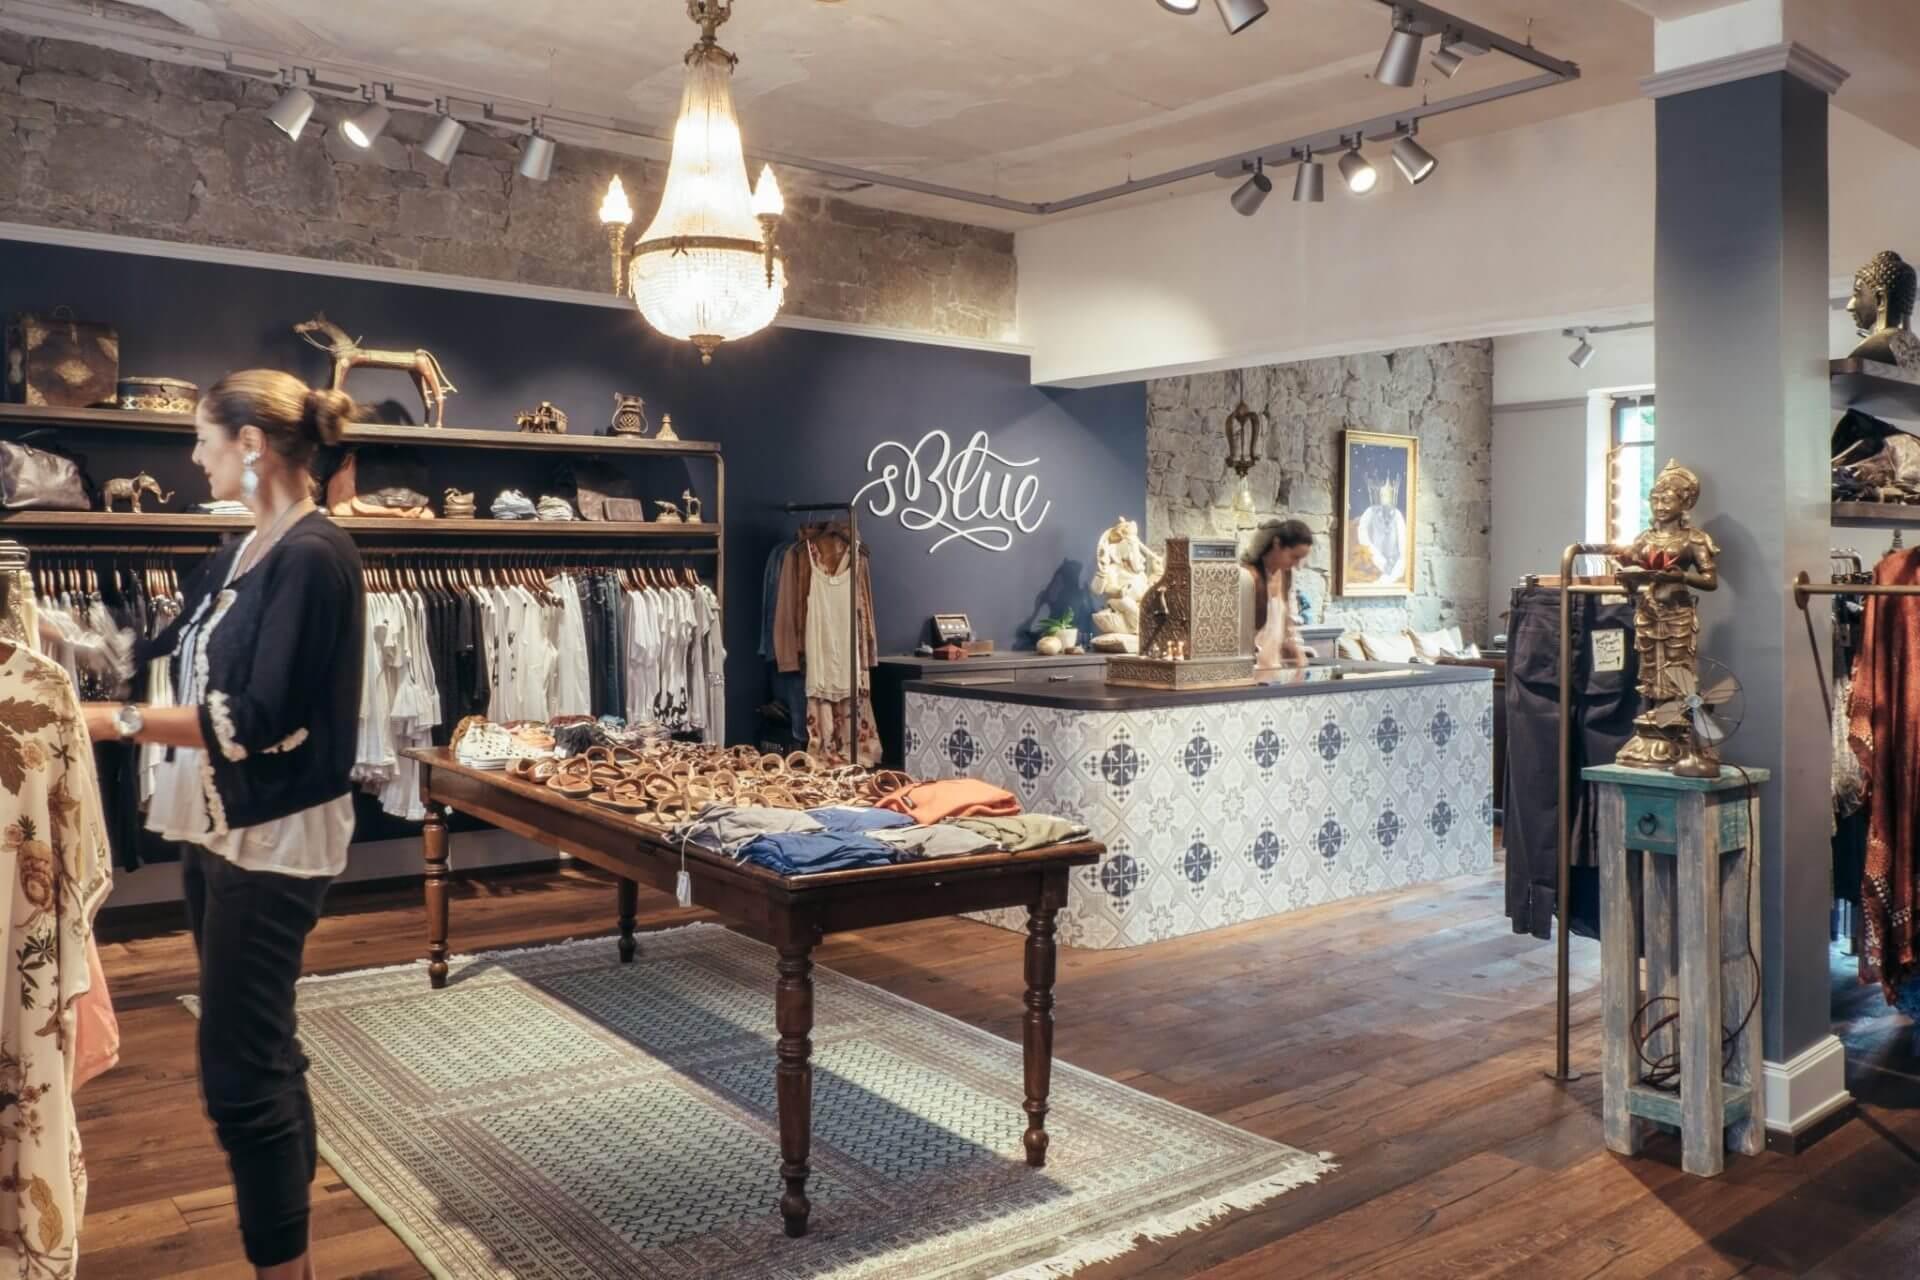 's Blue Innenansicht Kasse und Verkaufsraum